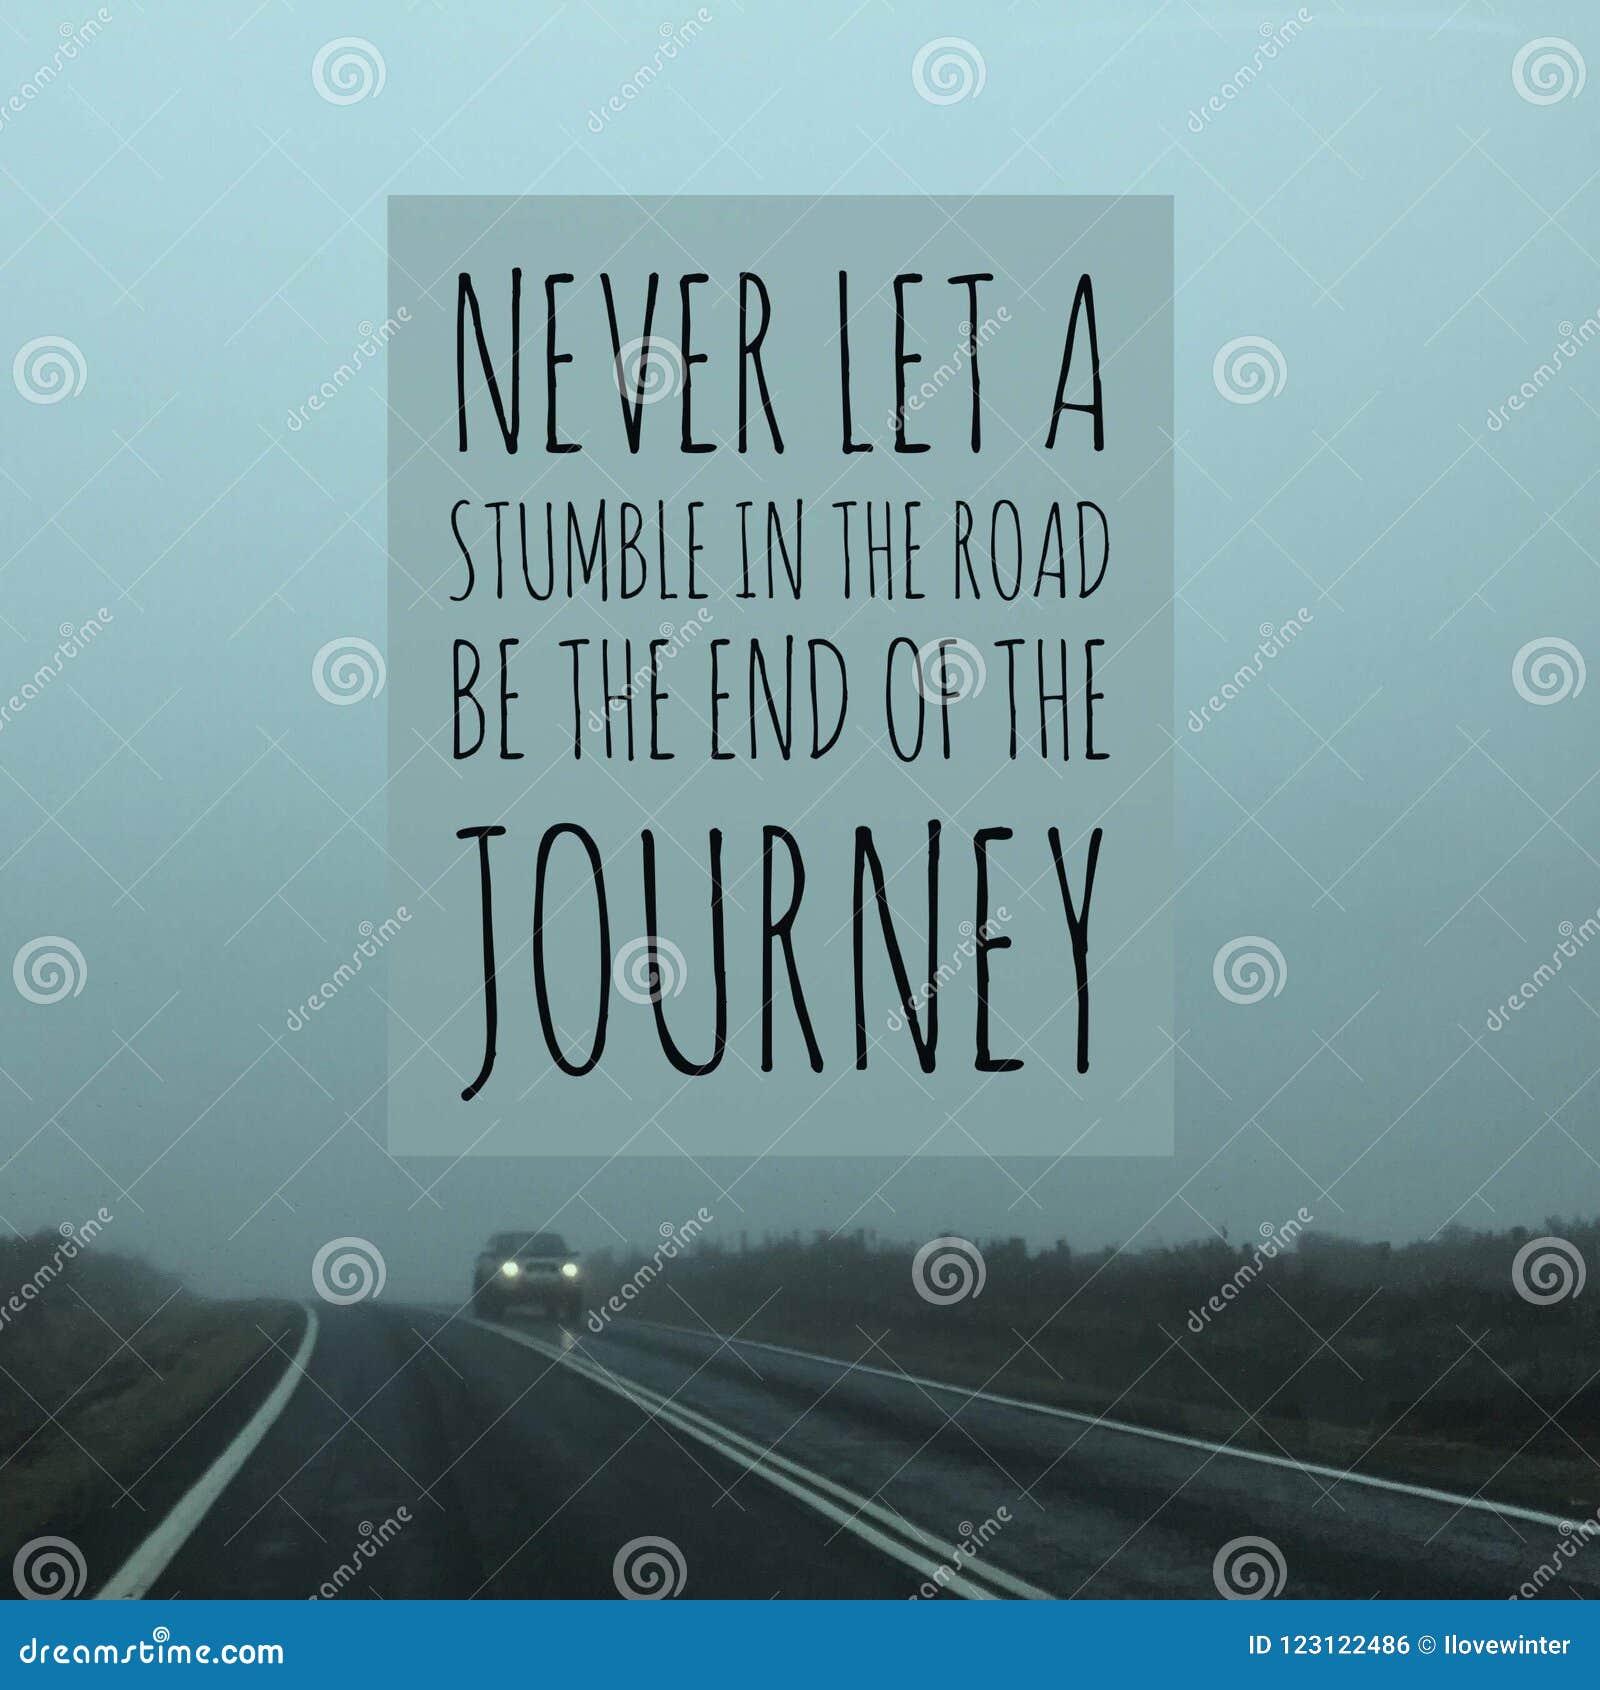 激动人心的诱导行情`未曾让在路的绊倒是旅途`的末端